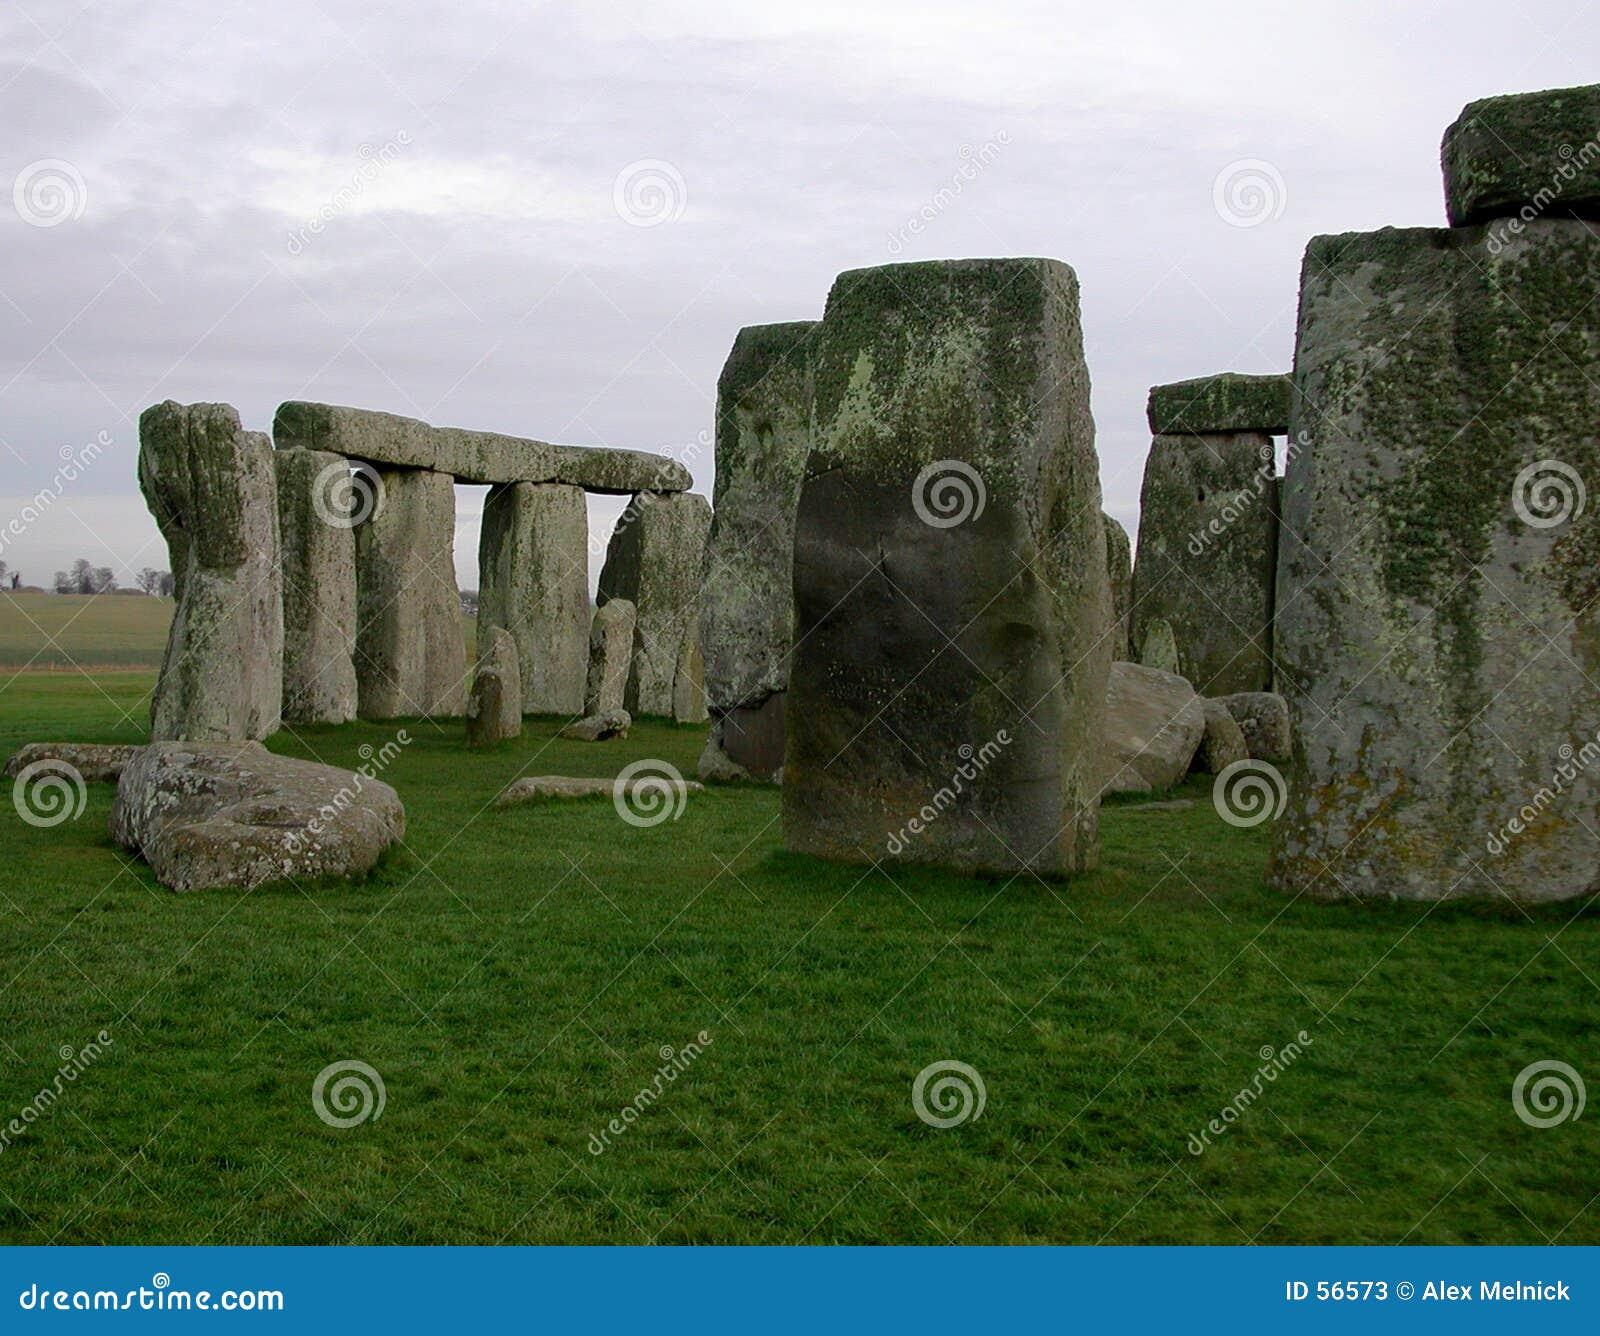 Sides of Stonehenge